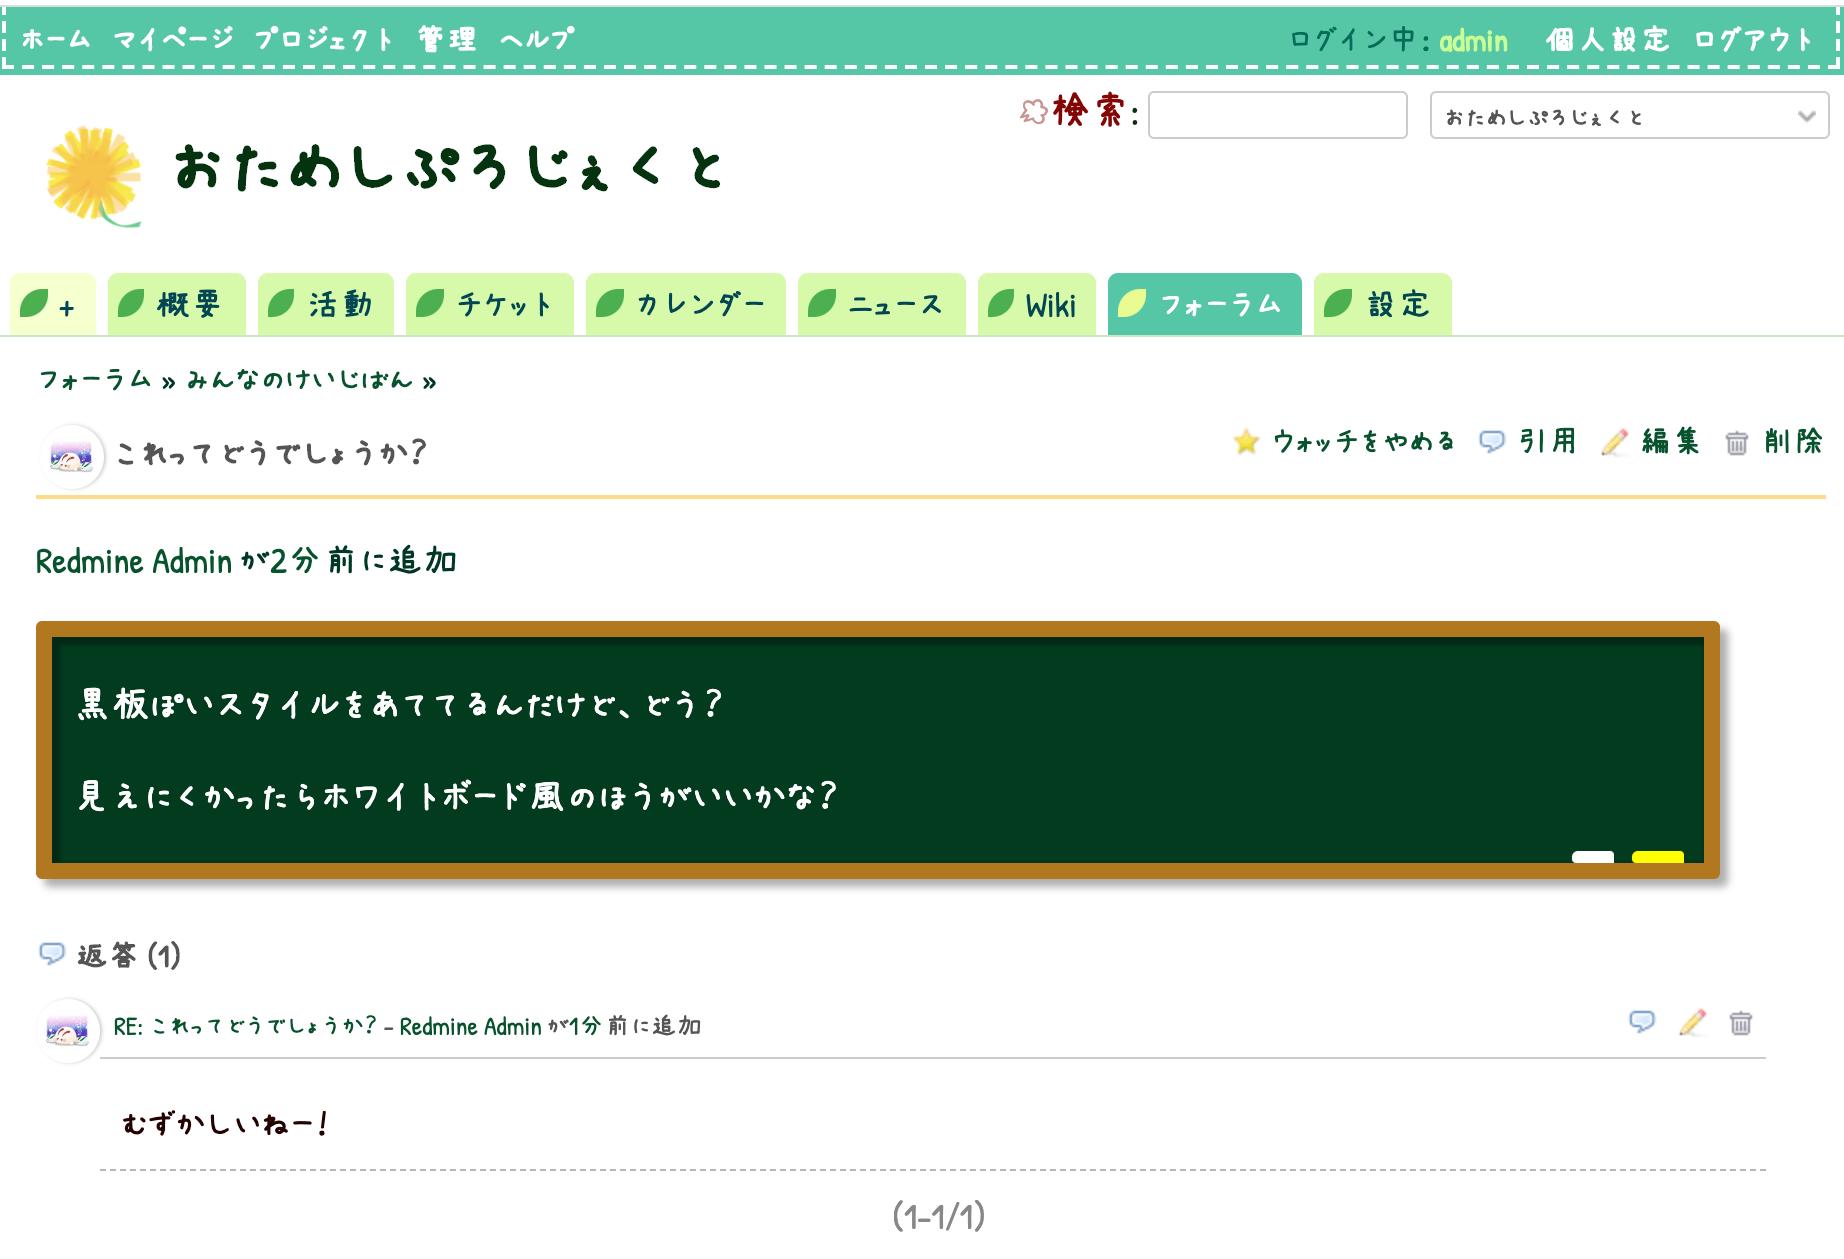 forum-sample.png